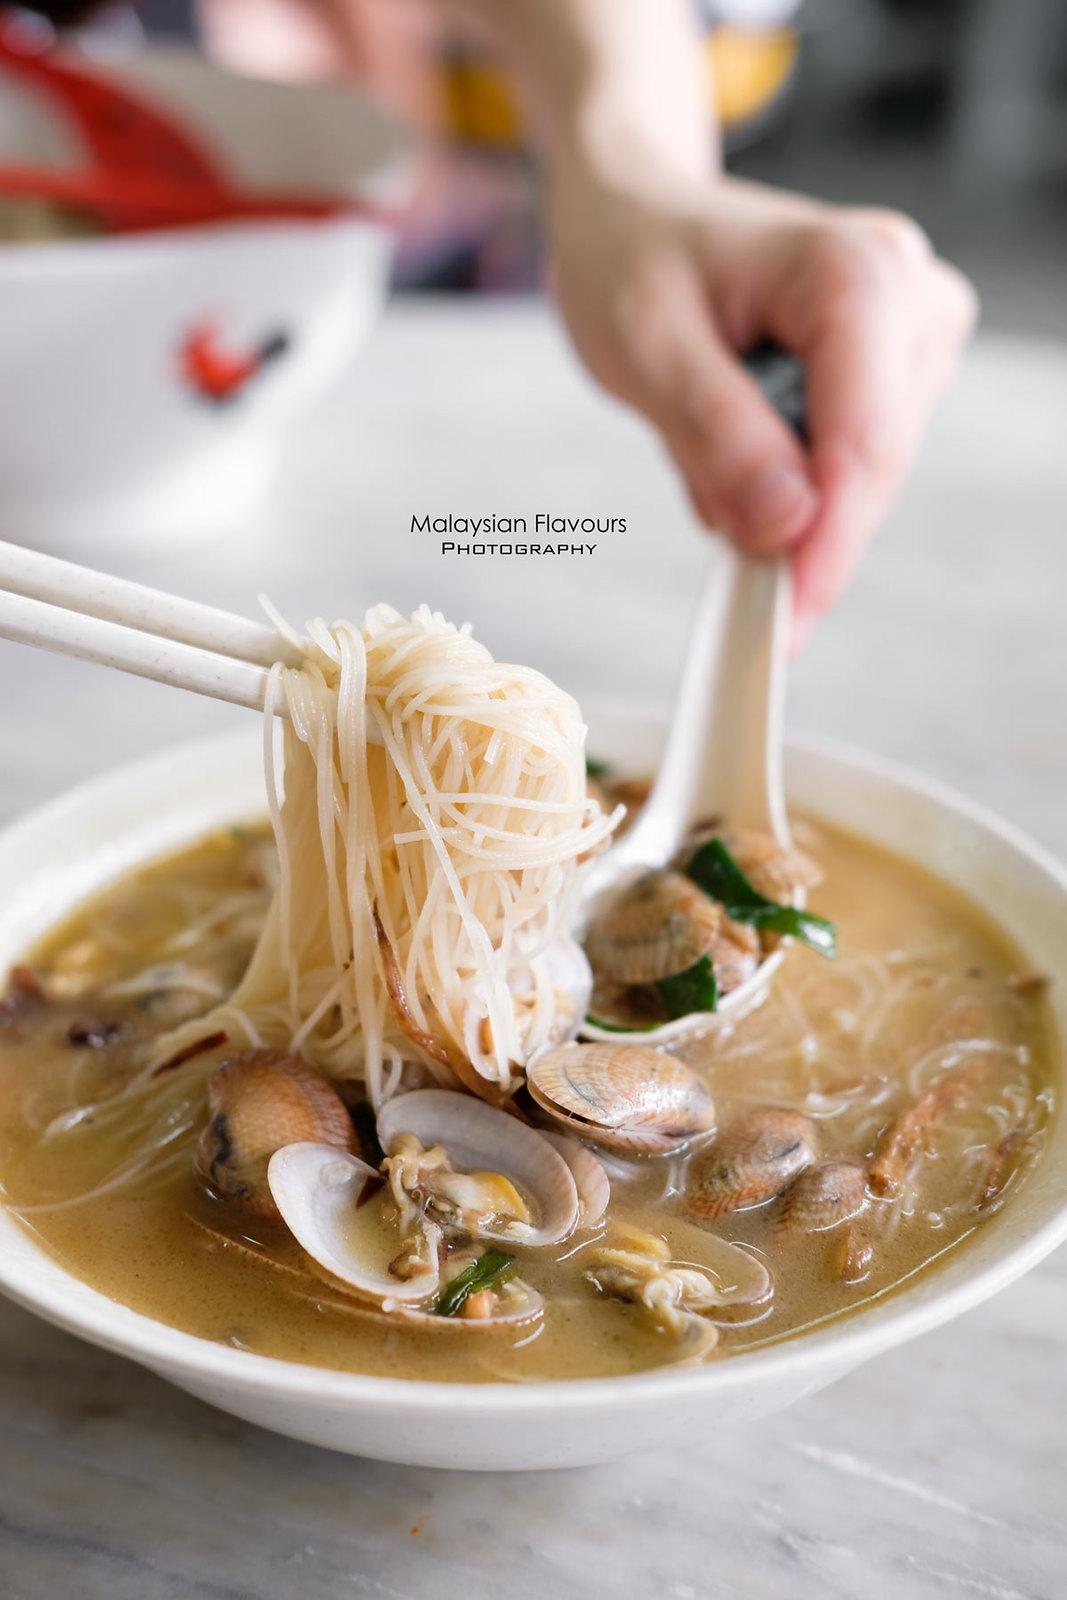 Lai Poong Lala noodle soup